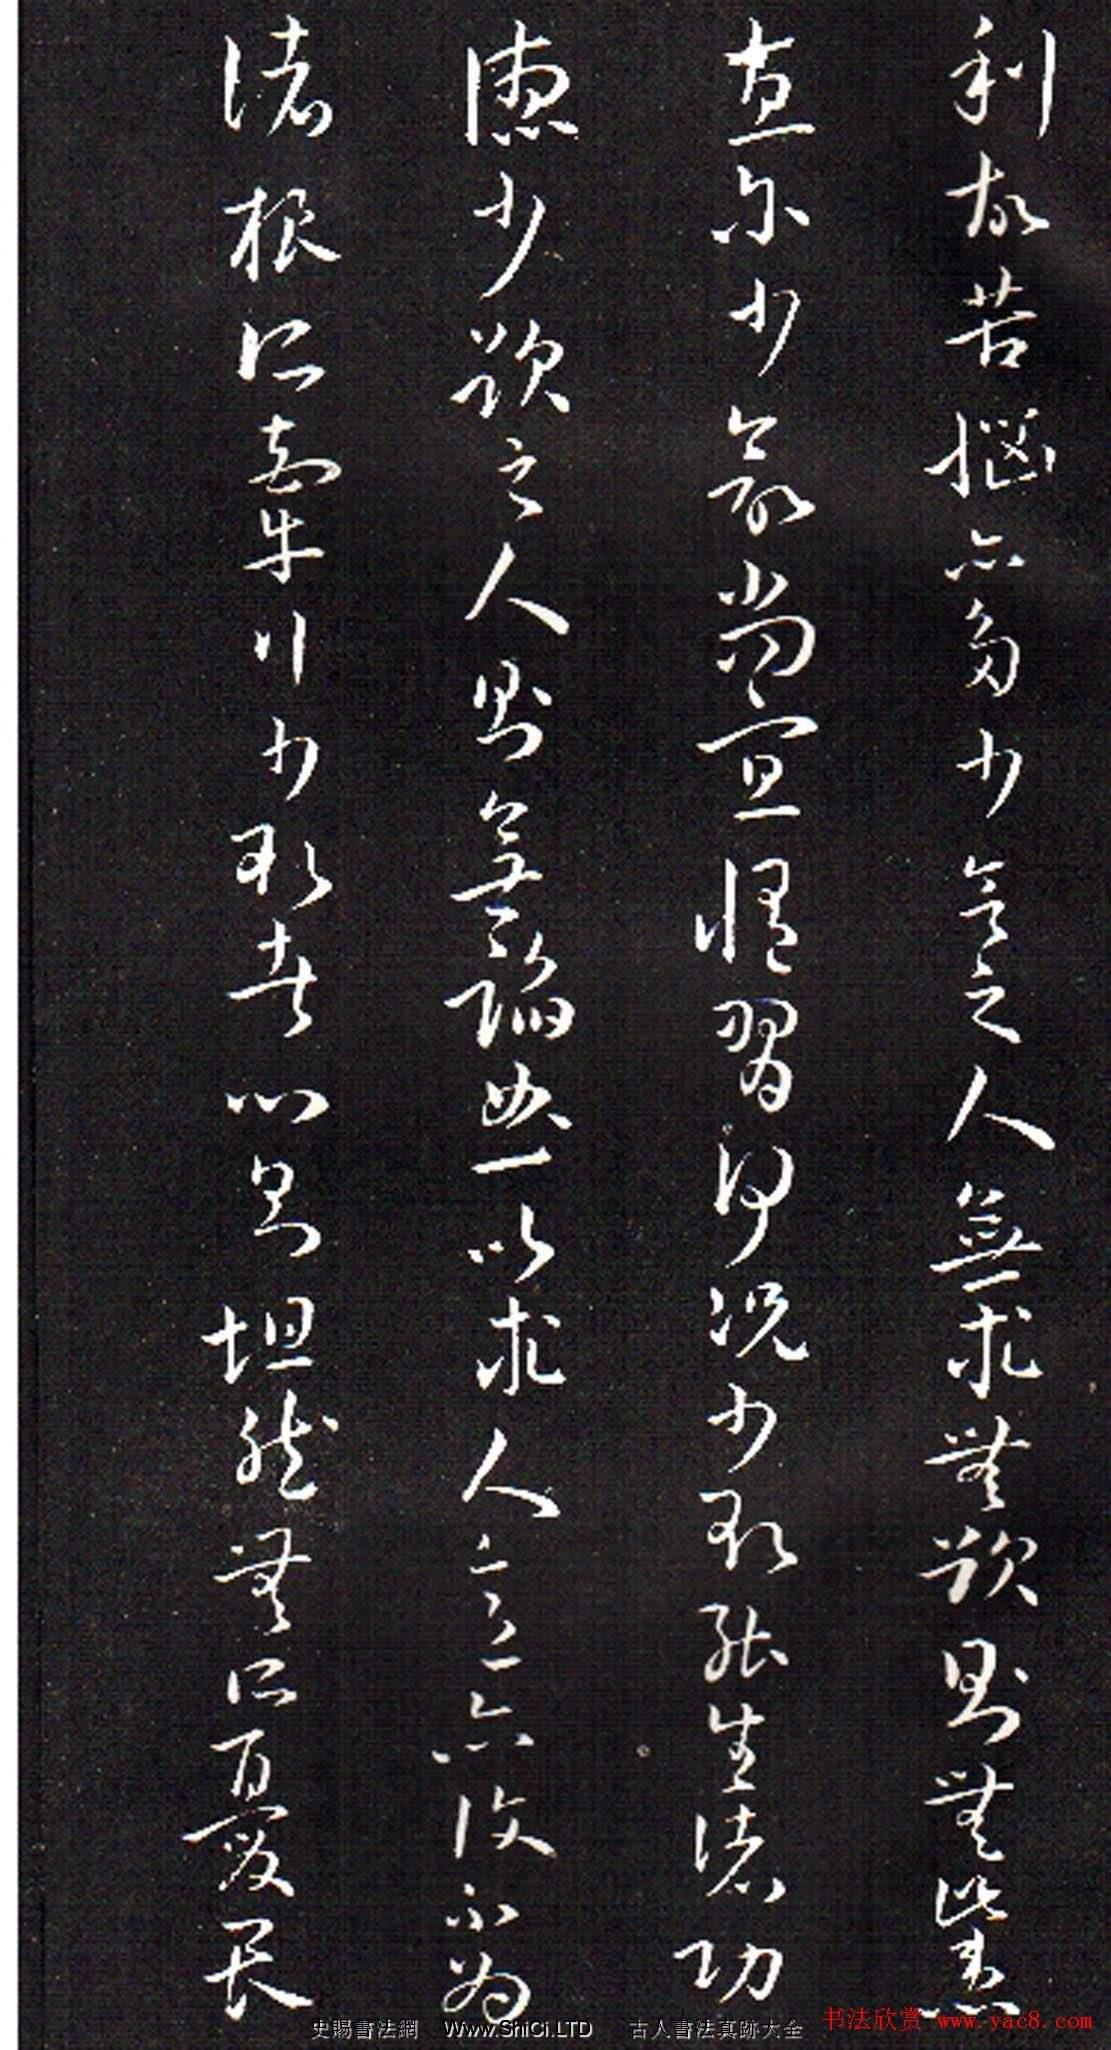 孫過庭草書欣賞《佛遺教經》